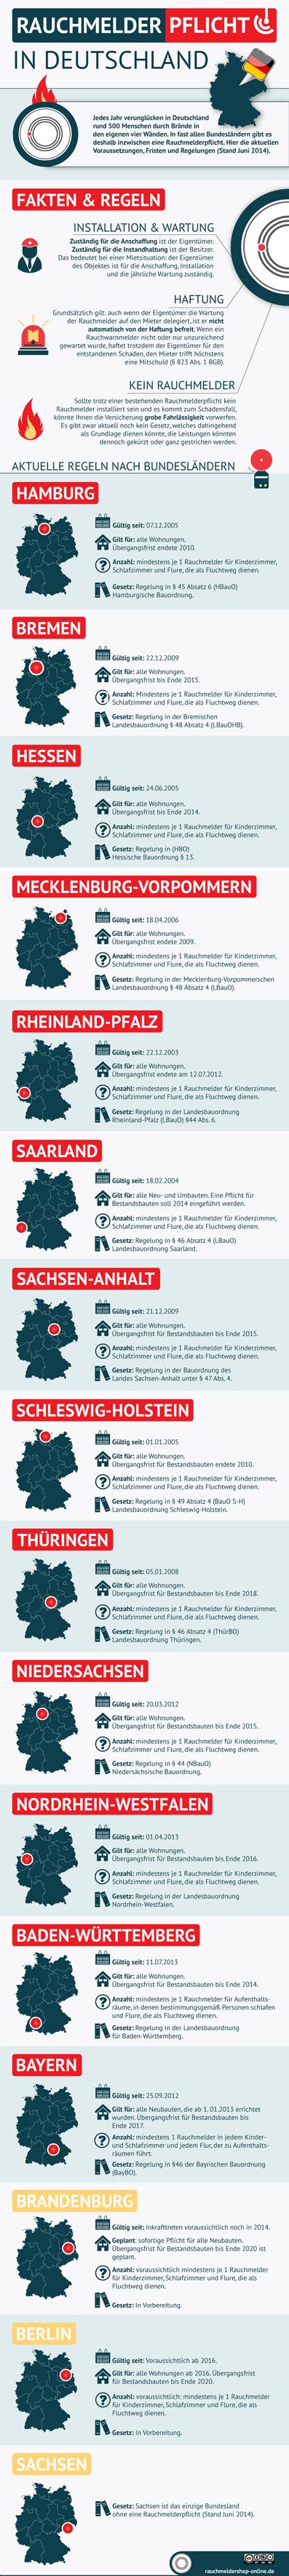 rauchmelderpflicht-infografik copy